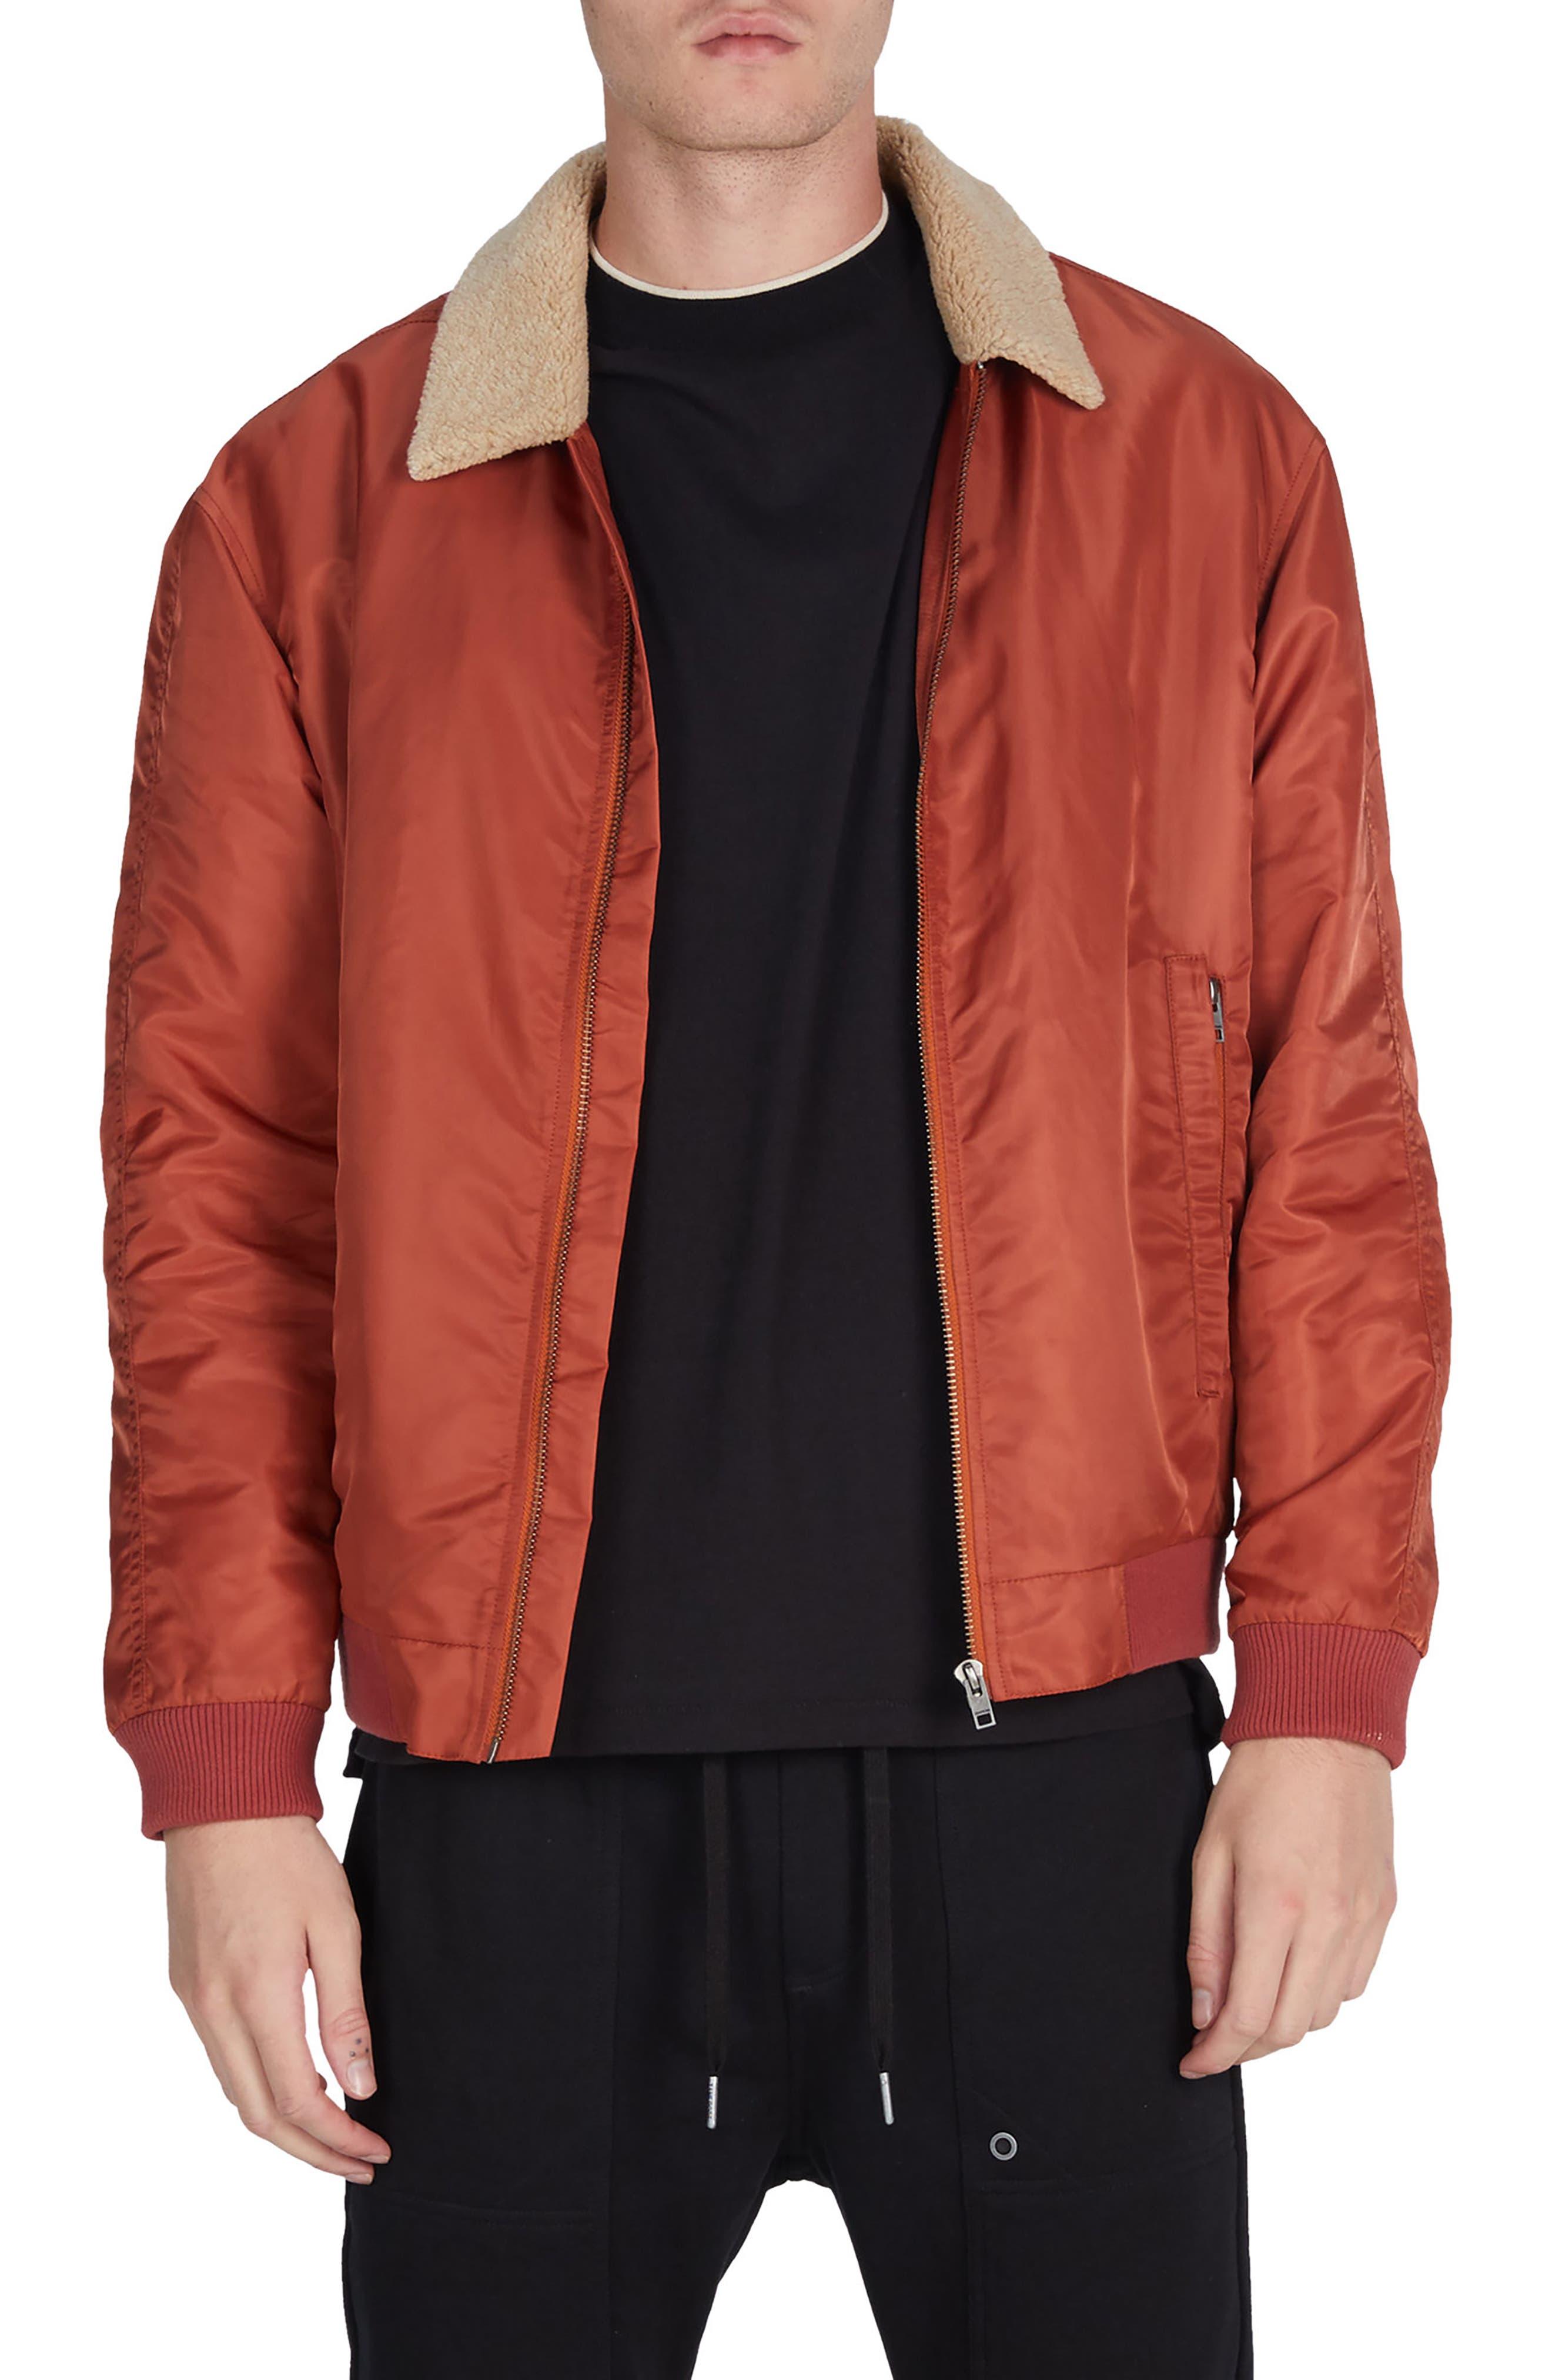 Alternate Image 1 Selected - ZANEROBE Yeti Nylon Jacket with Faux Shearling Trim